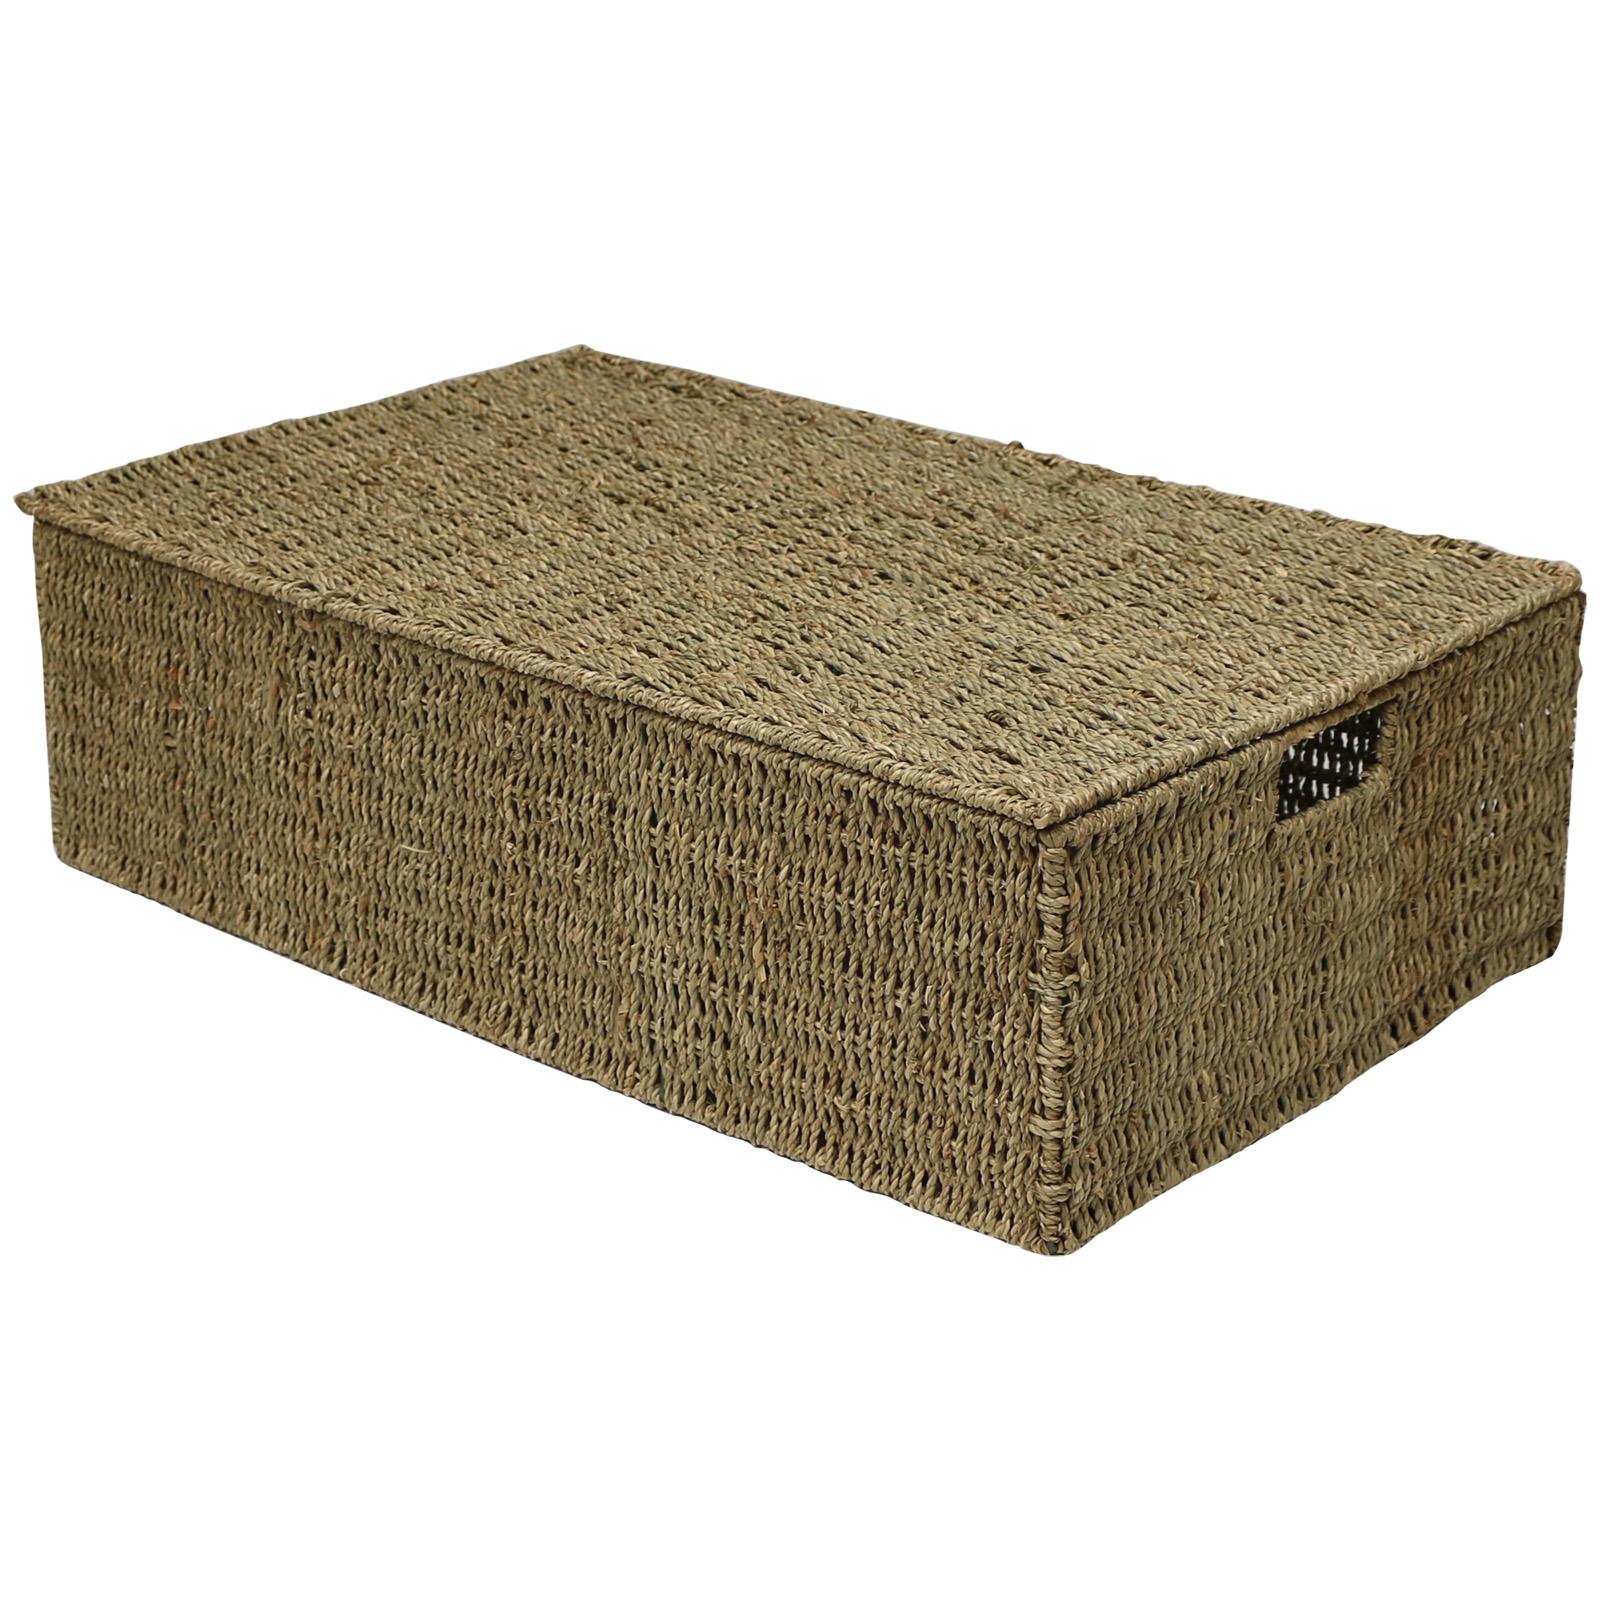 Hartleys Wicker Seagrass Under Bed Storage Box Bedding